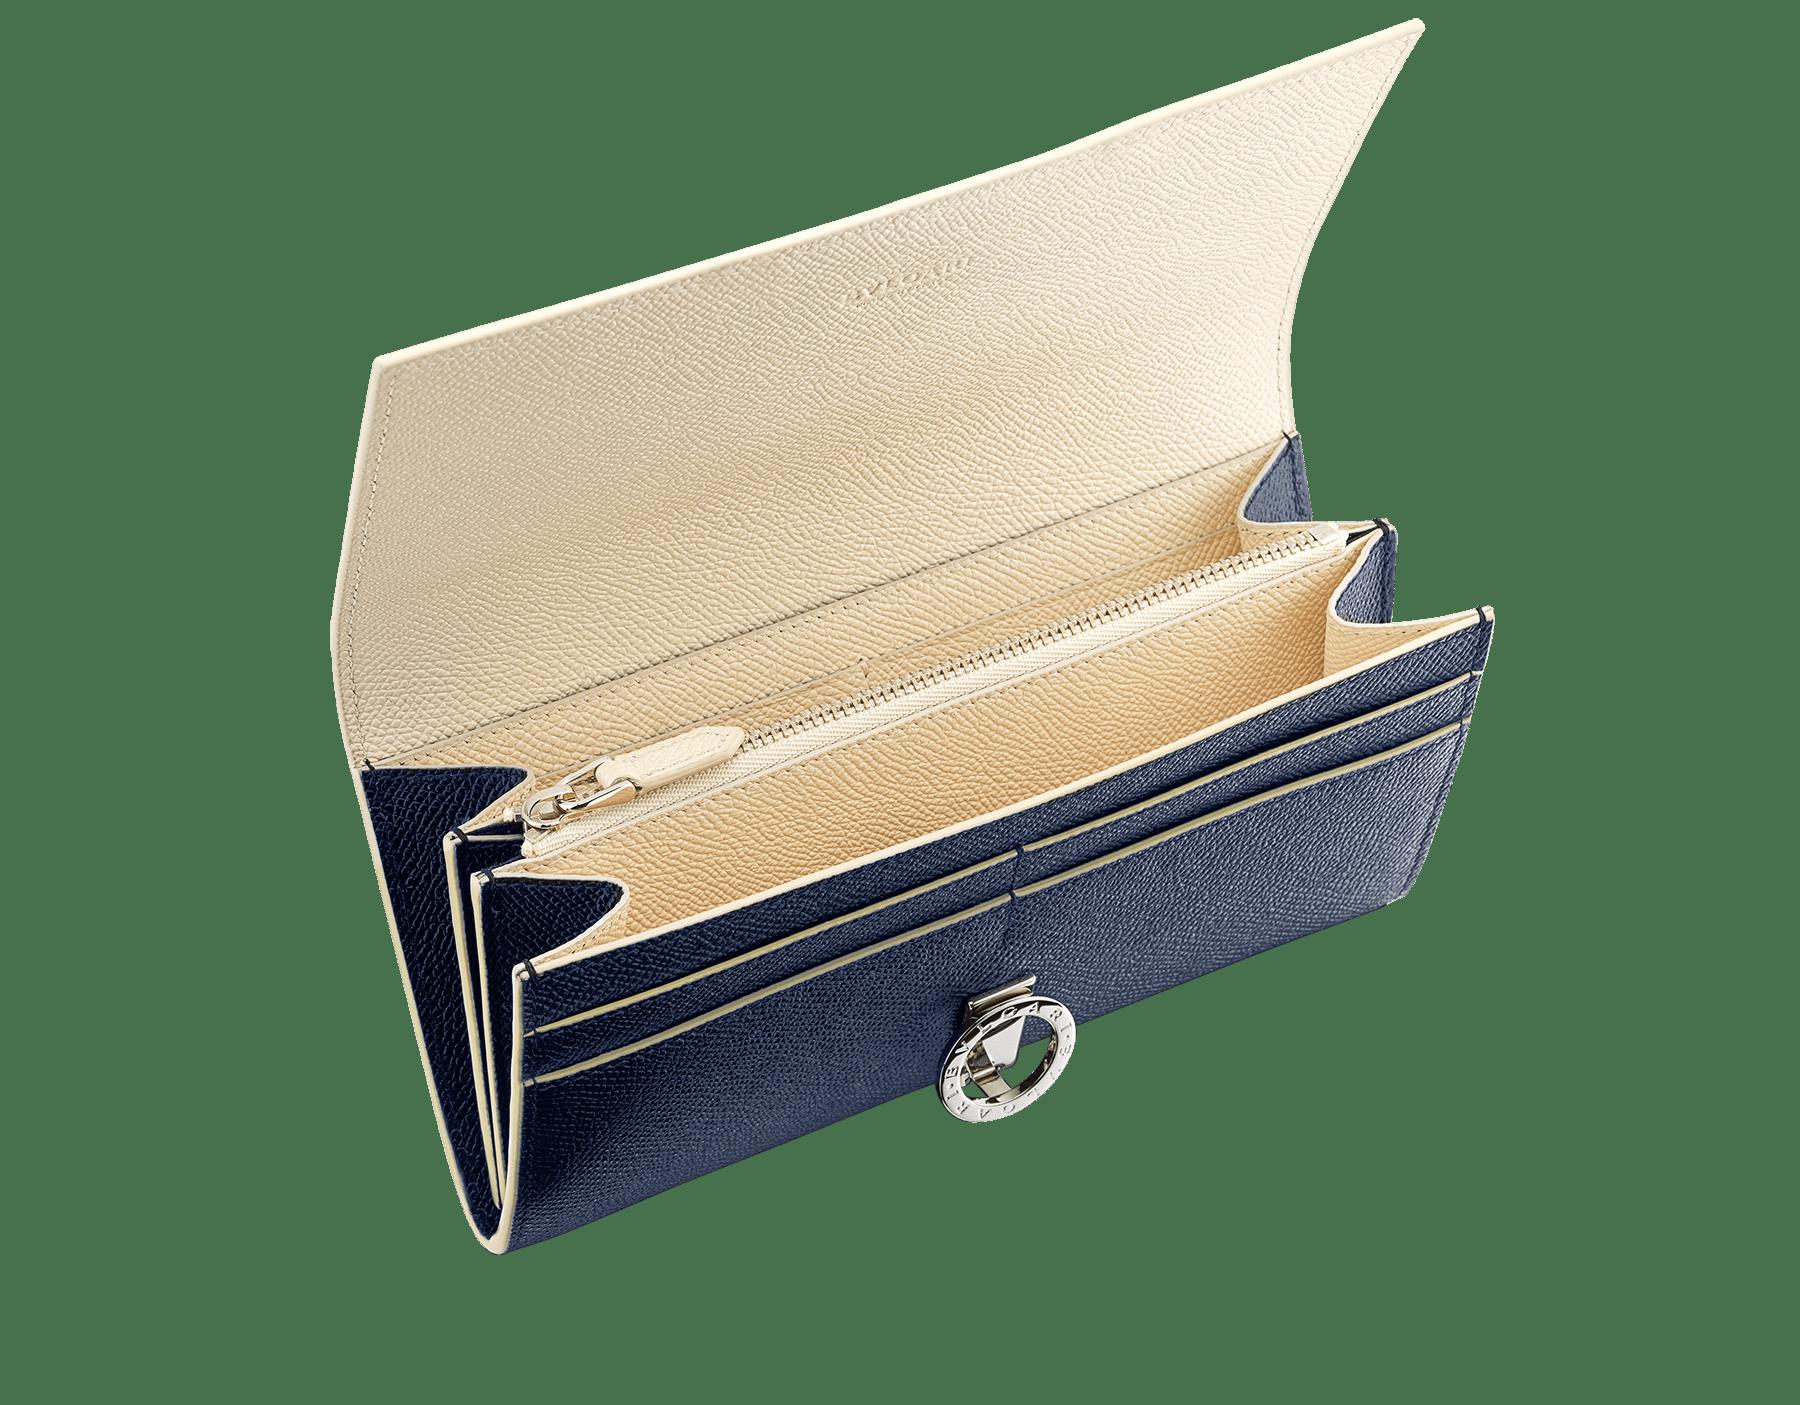 Grand portefeuille «Bvlgari Clip» en cuir de veau grainé couleur blanc Agate et couleur bleu Denim Sapphire. Fermoir emblématique orné du logo Bvlgari en laiton. BCM-WLT-POCHE-16CCb image 2